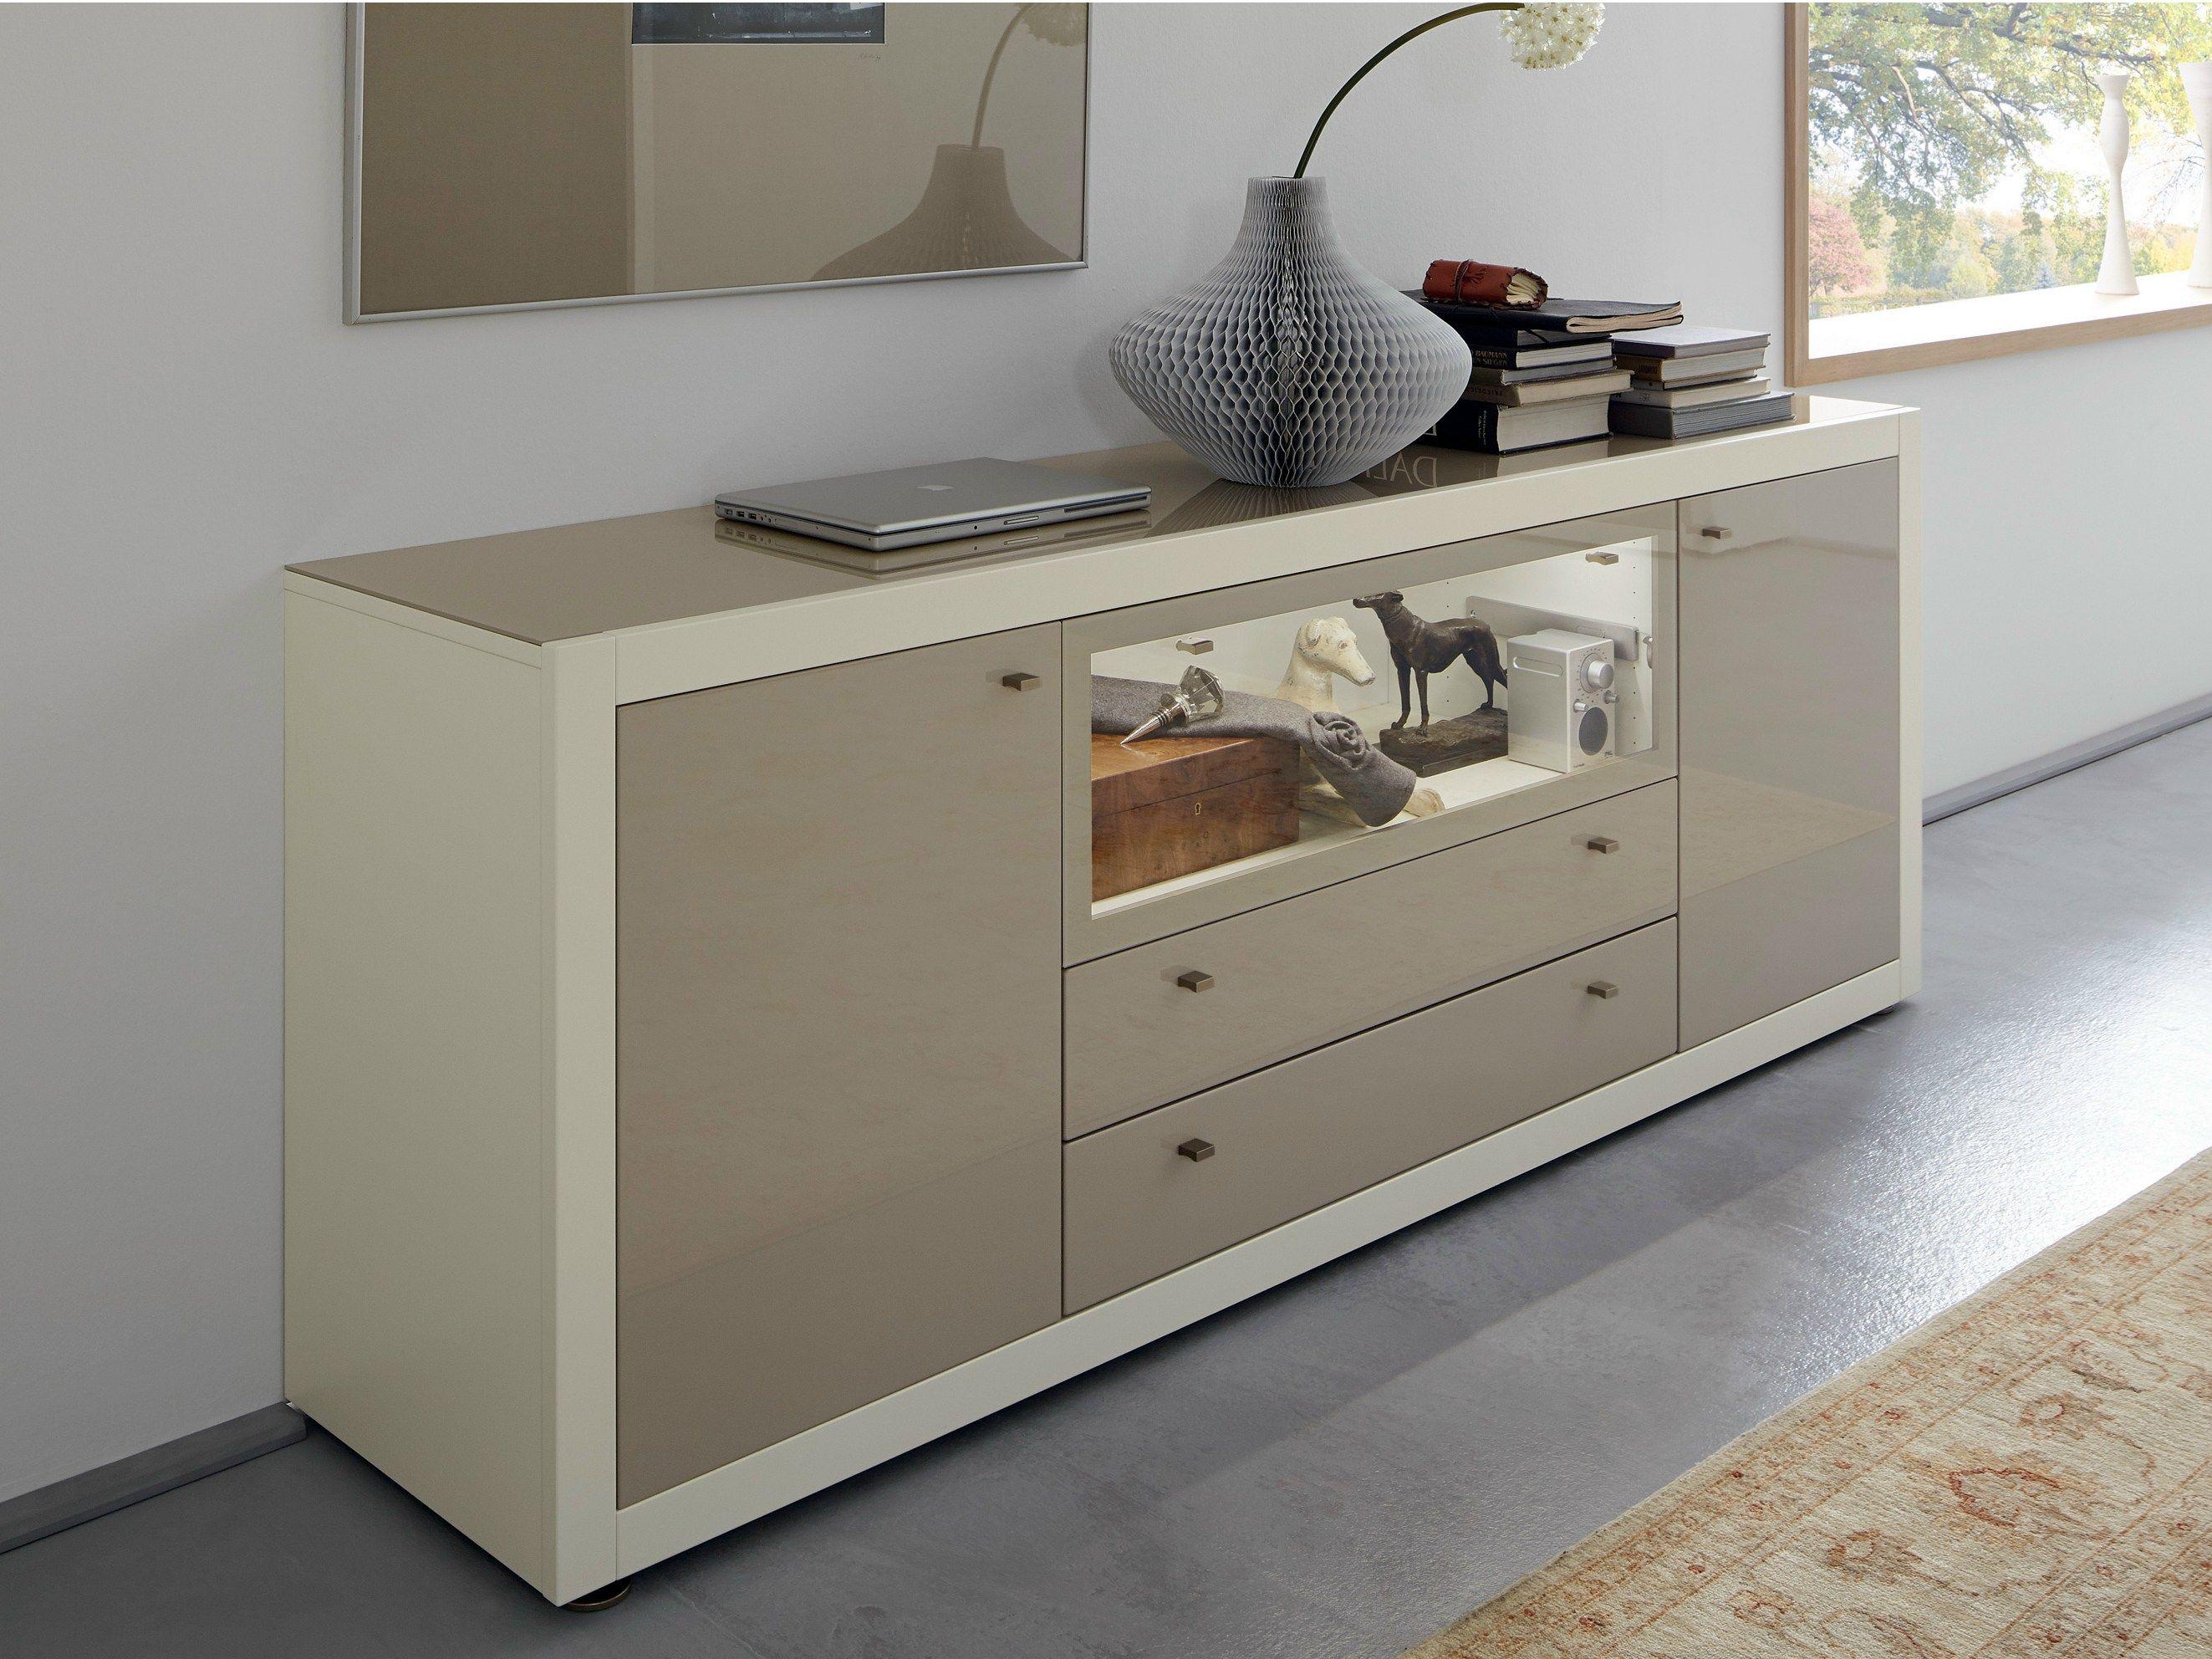 18 3m Xelo Sideboard By Hulsta Werke Huls Furniture Bocados Lobos